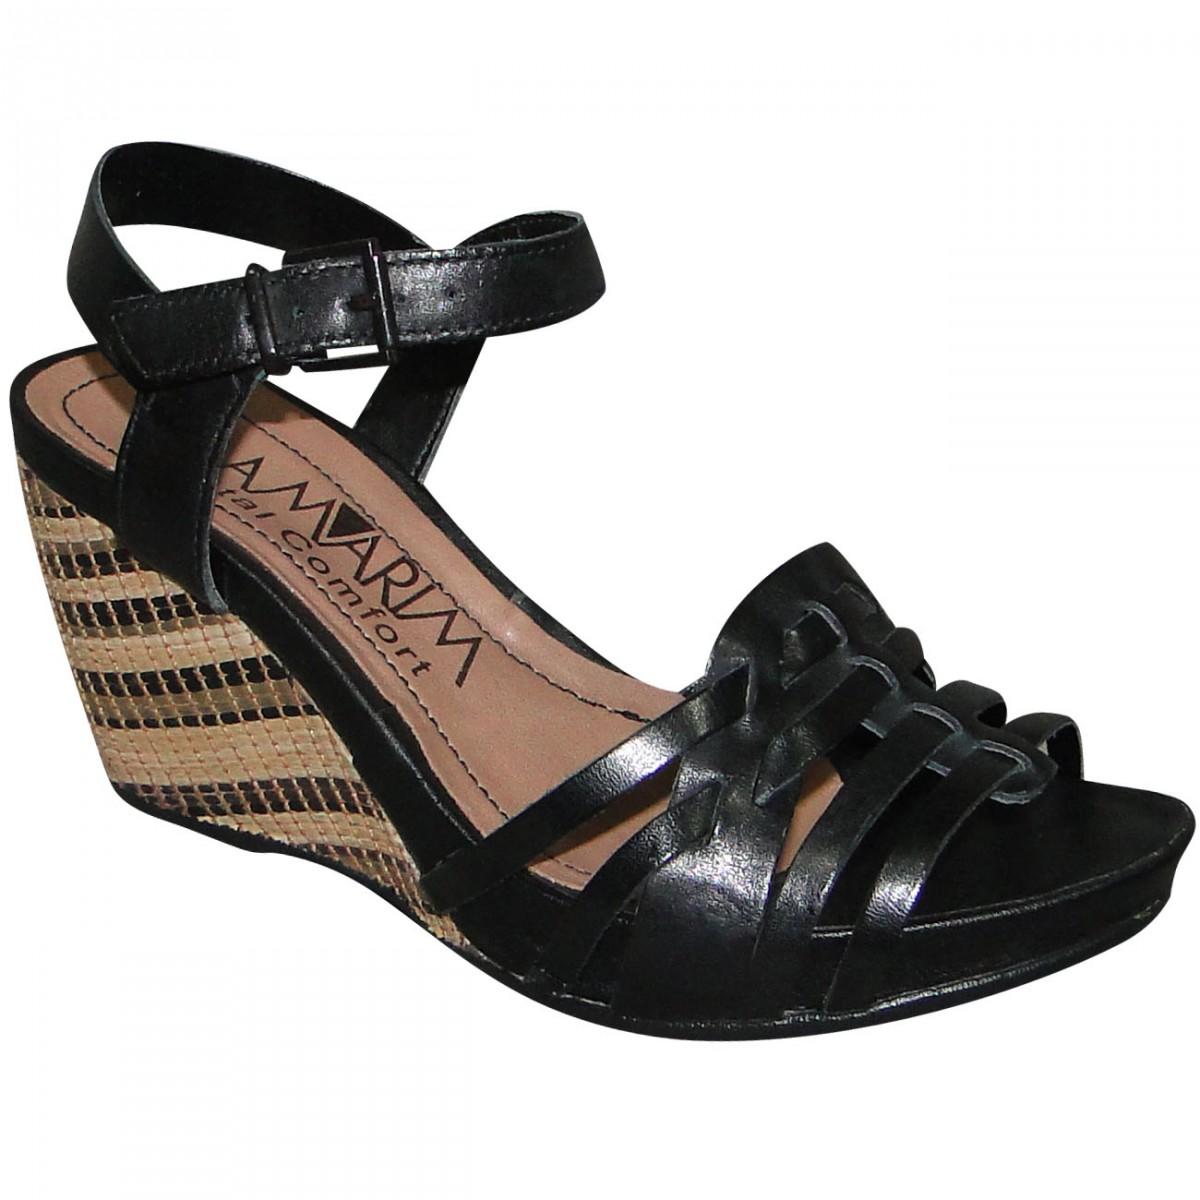 18185a51e Sandalia Ramarim 1412205 1412205 - Preto - Chuteira Nike, Adidas. Sandalias  Femininas. Sandy Calçados